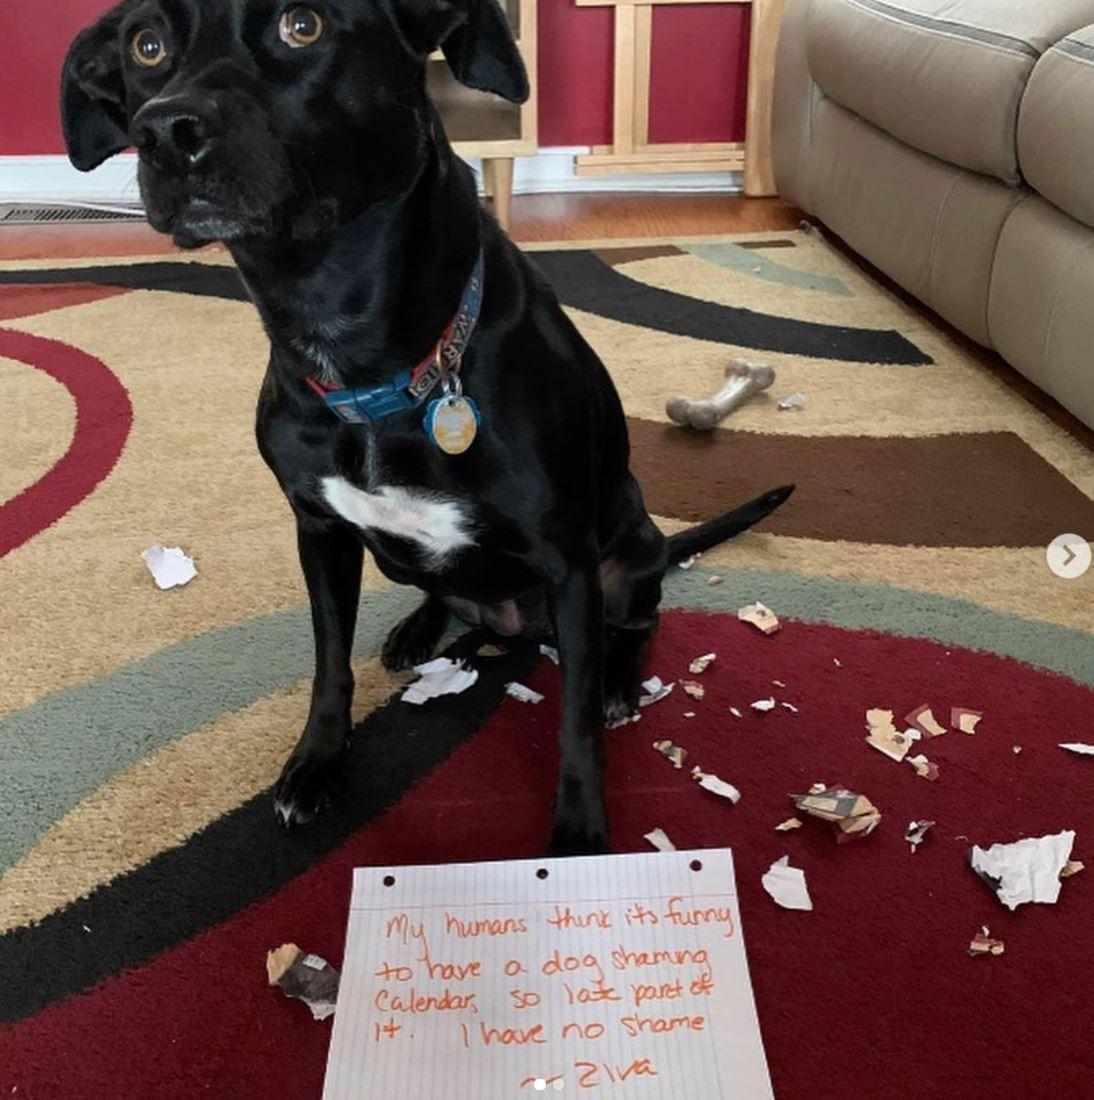 Dog has no shame